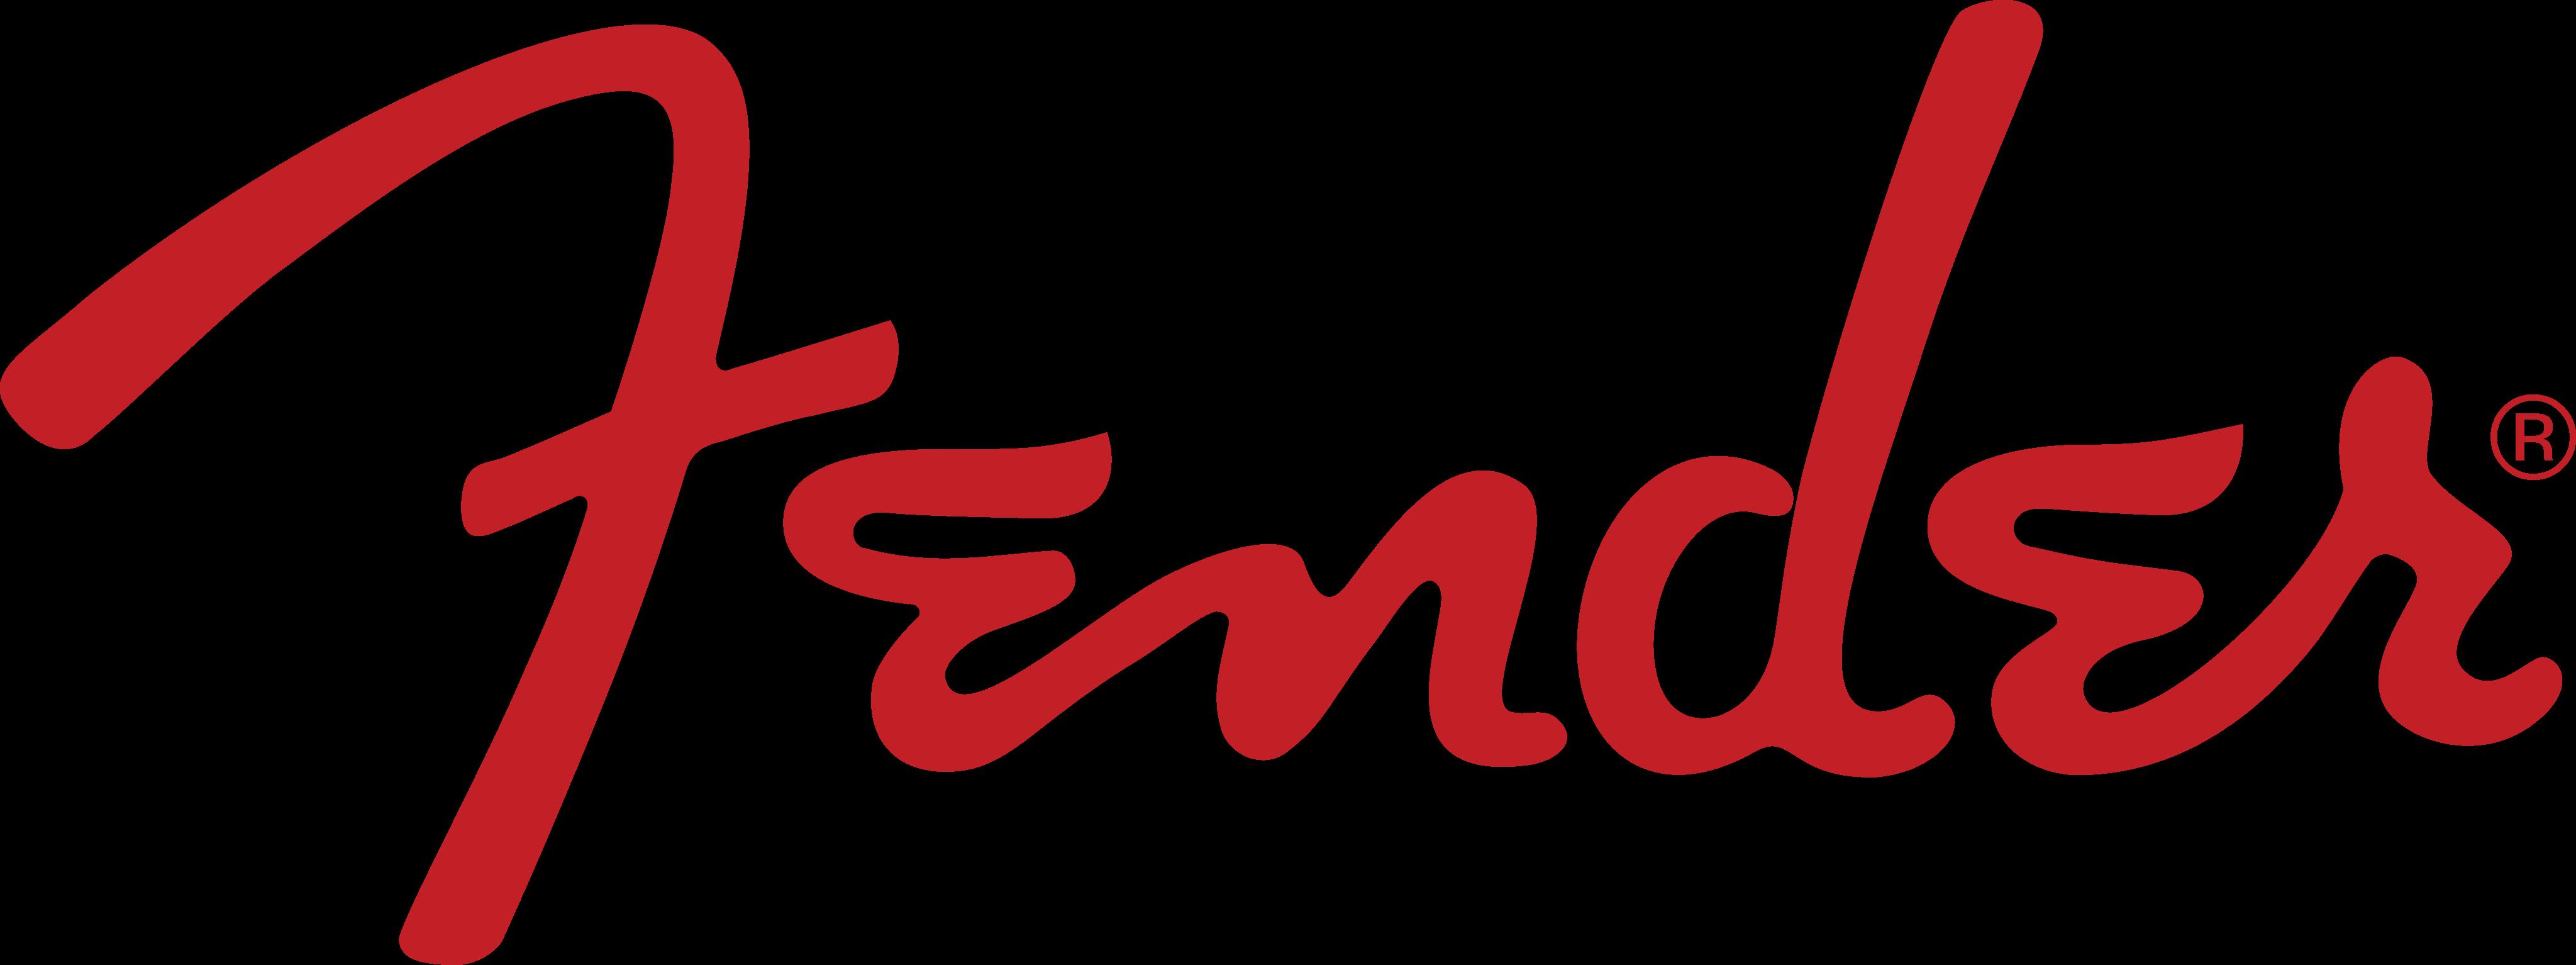 fender logo 1 1 - Fender Logo